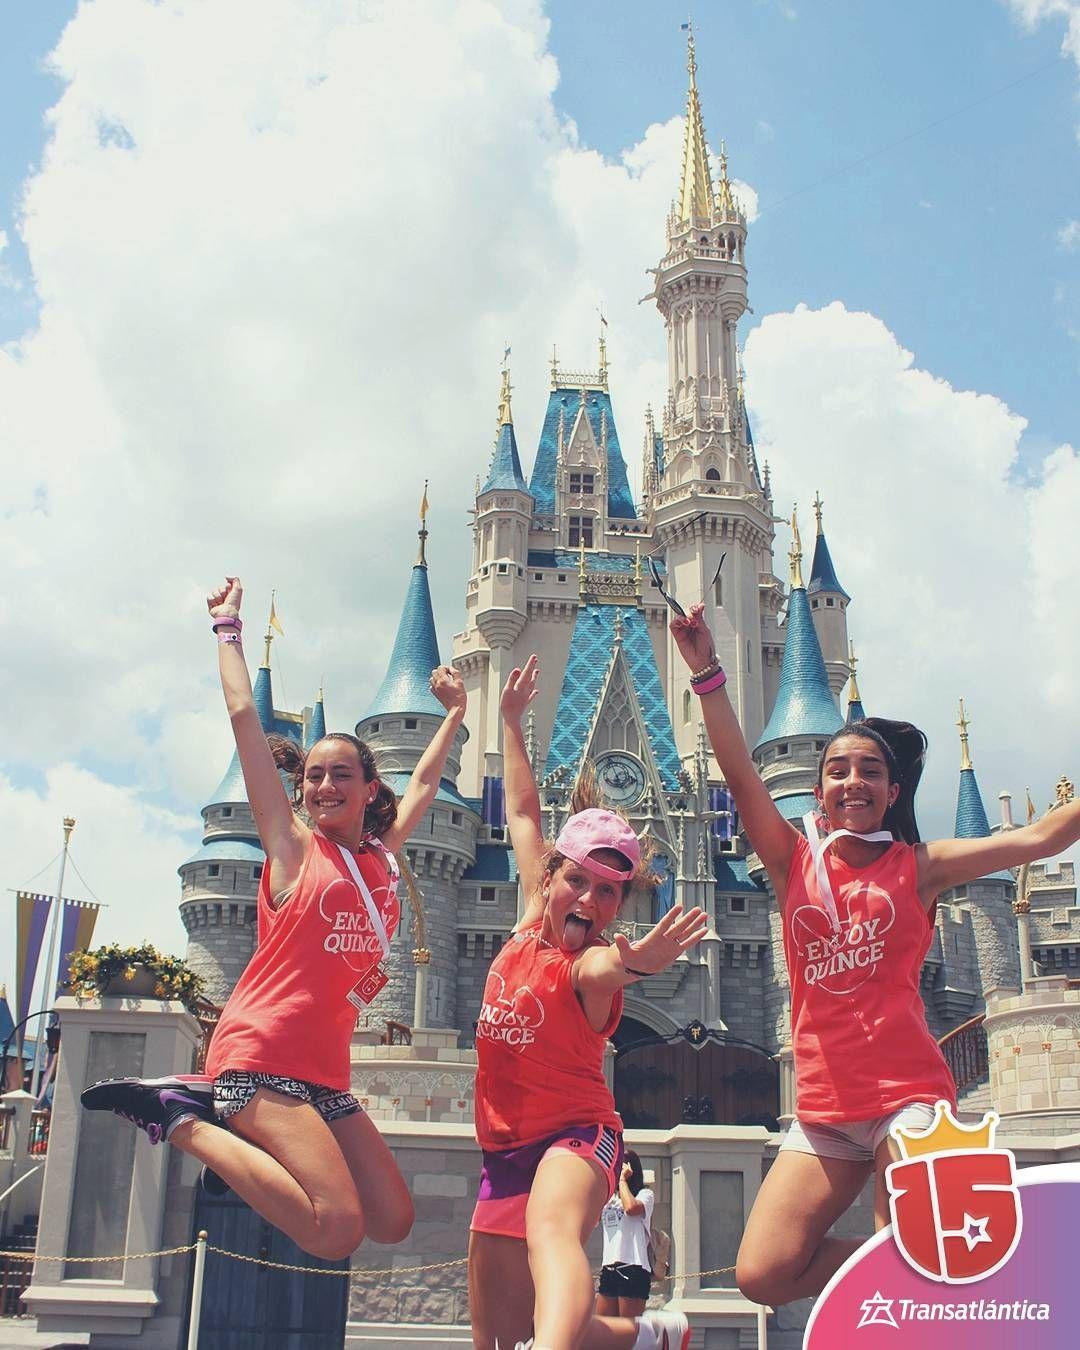 #momentoEnjoy15 es tu foto saltando en el castillo de #magicKingdom con tus #amigas